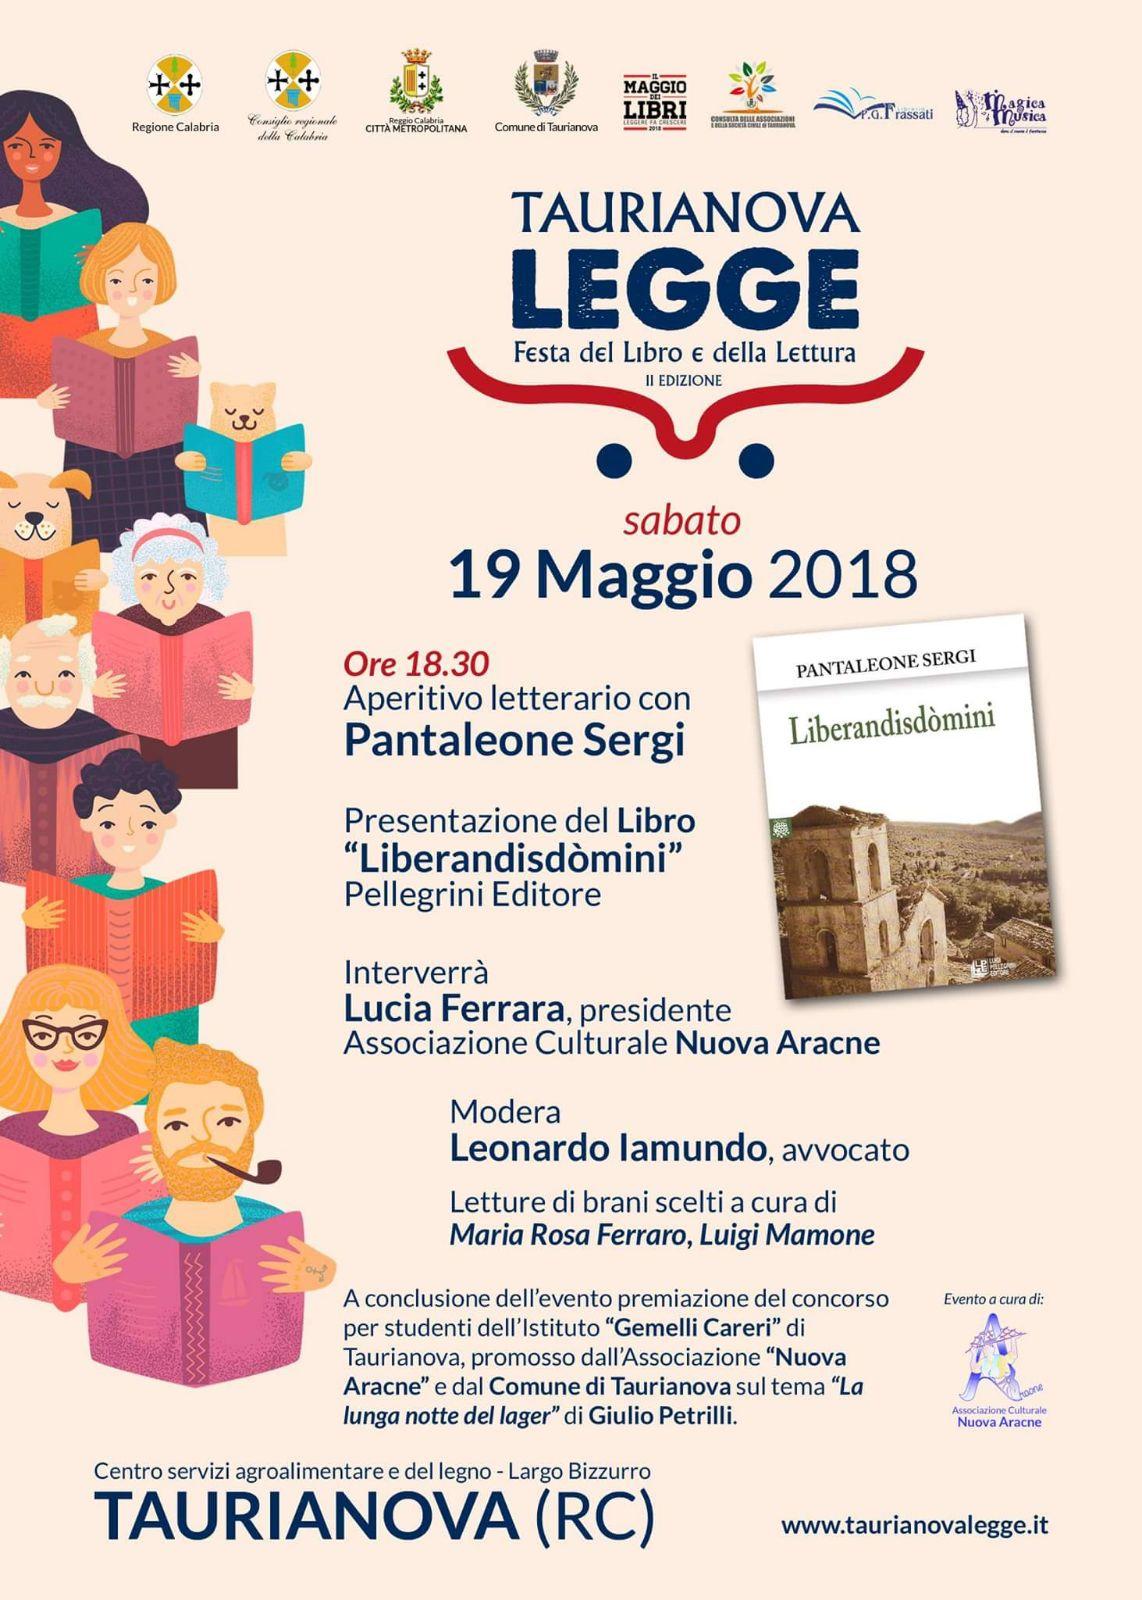 Festa del libro e della lettura